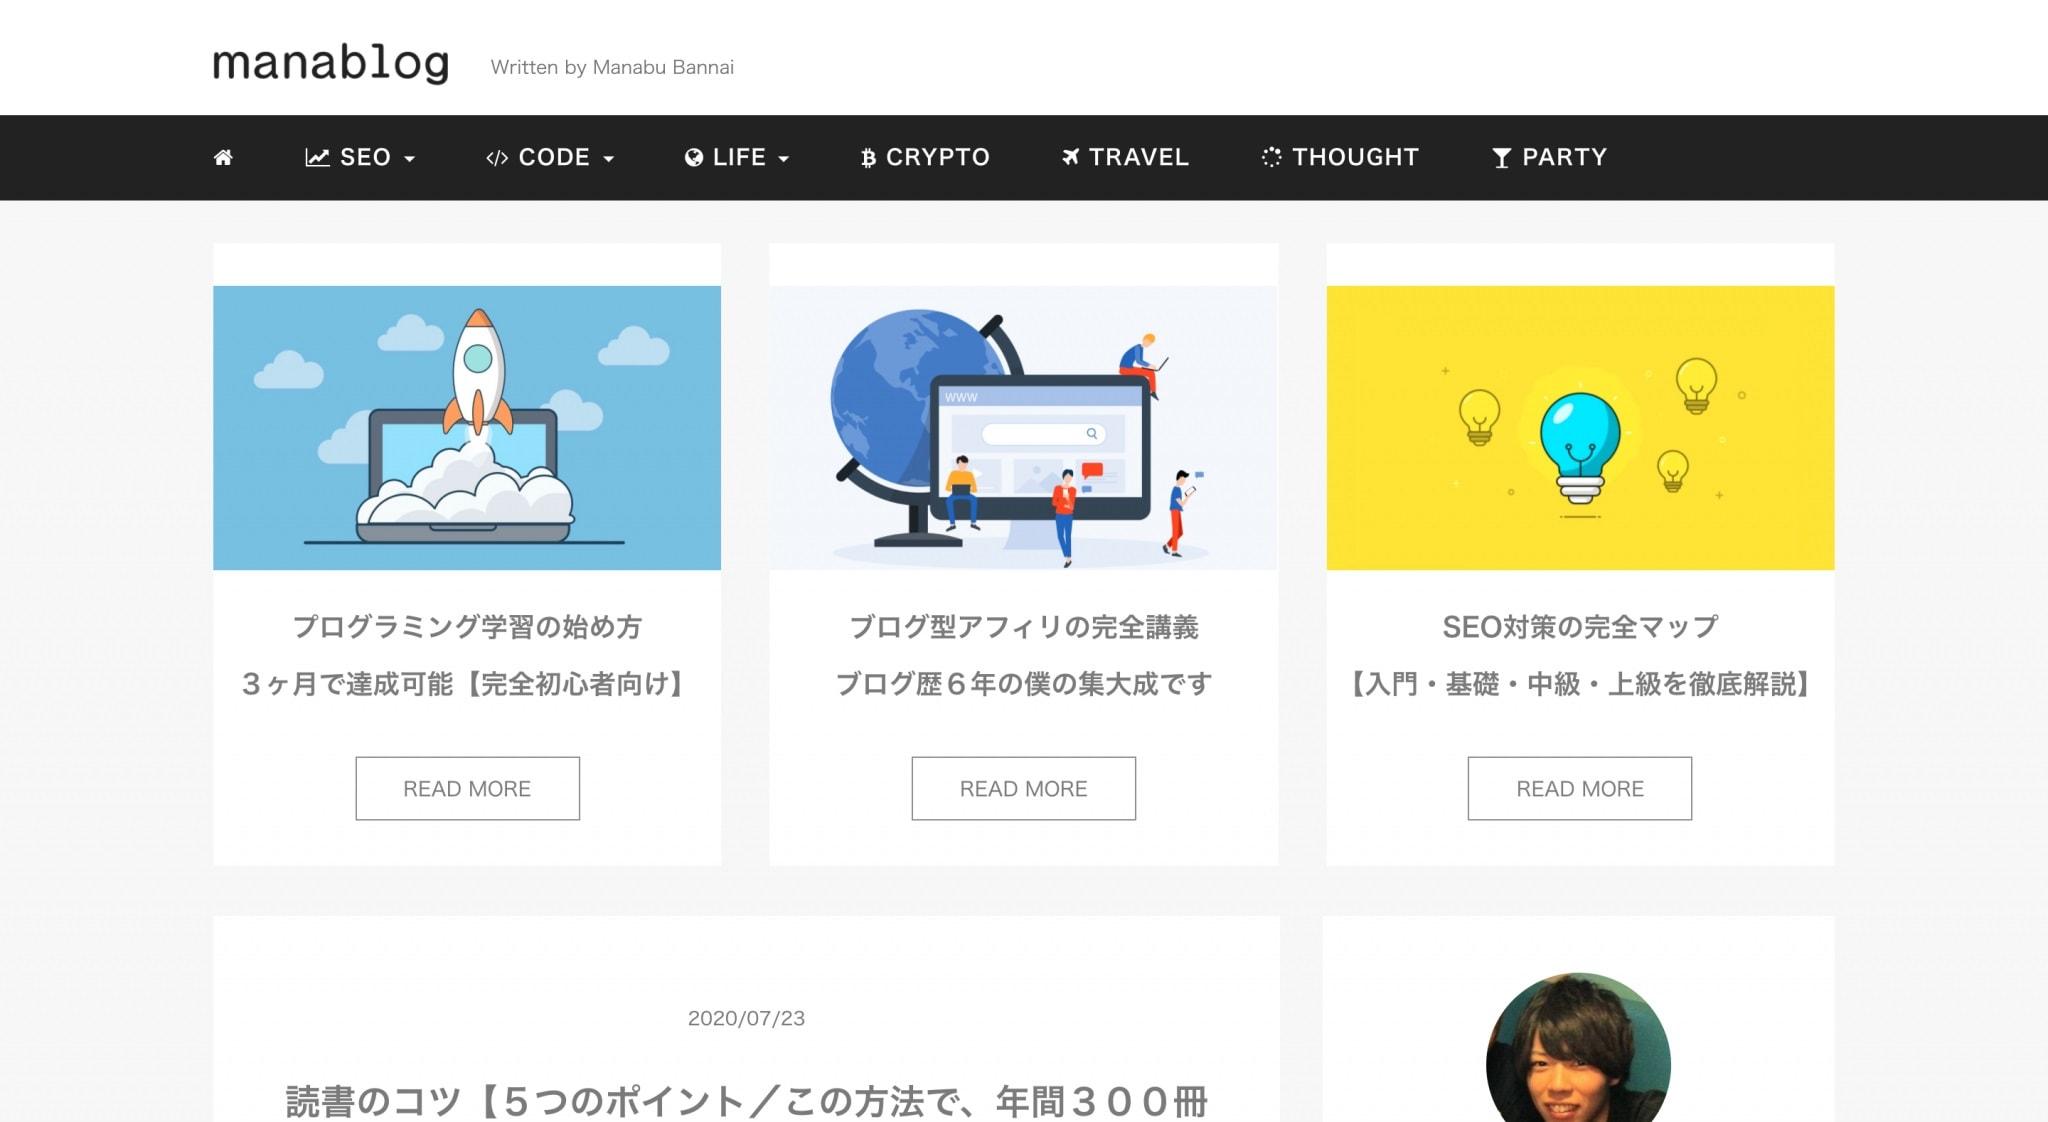 manablogの画像